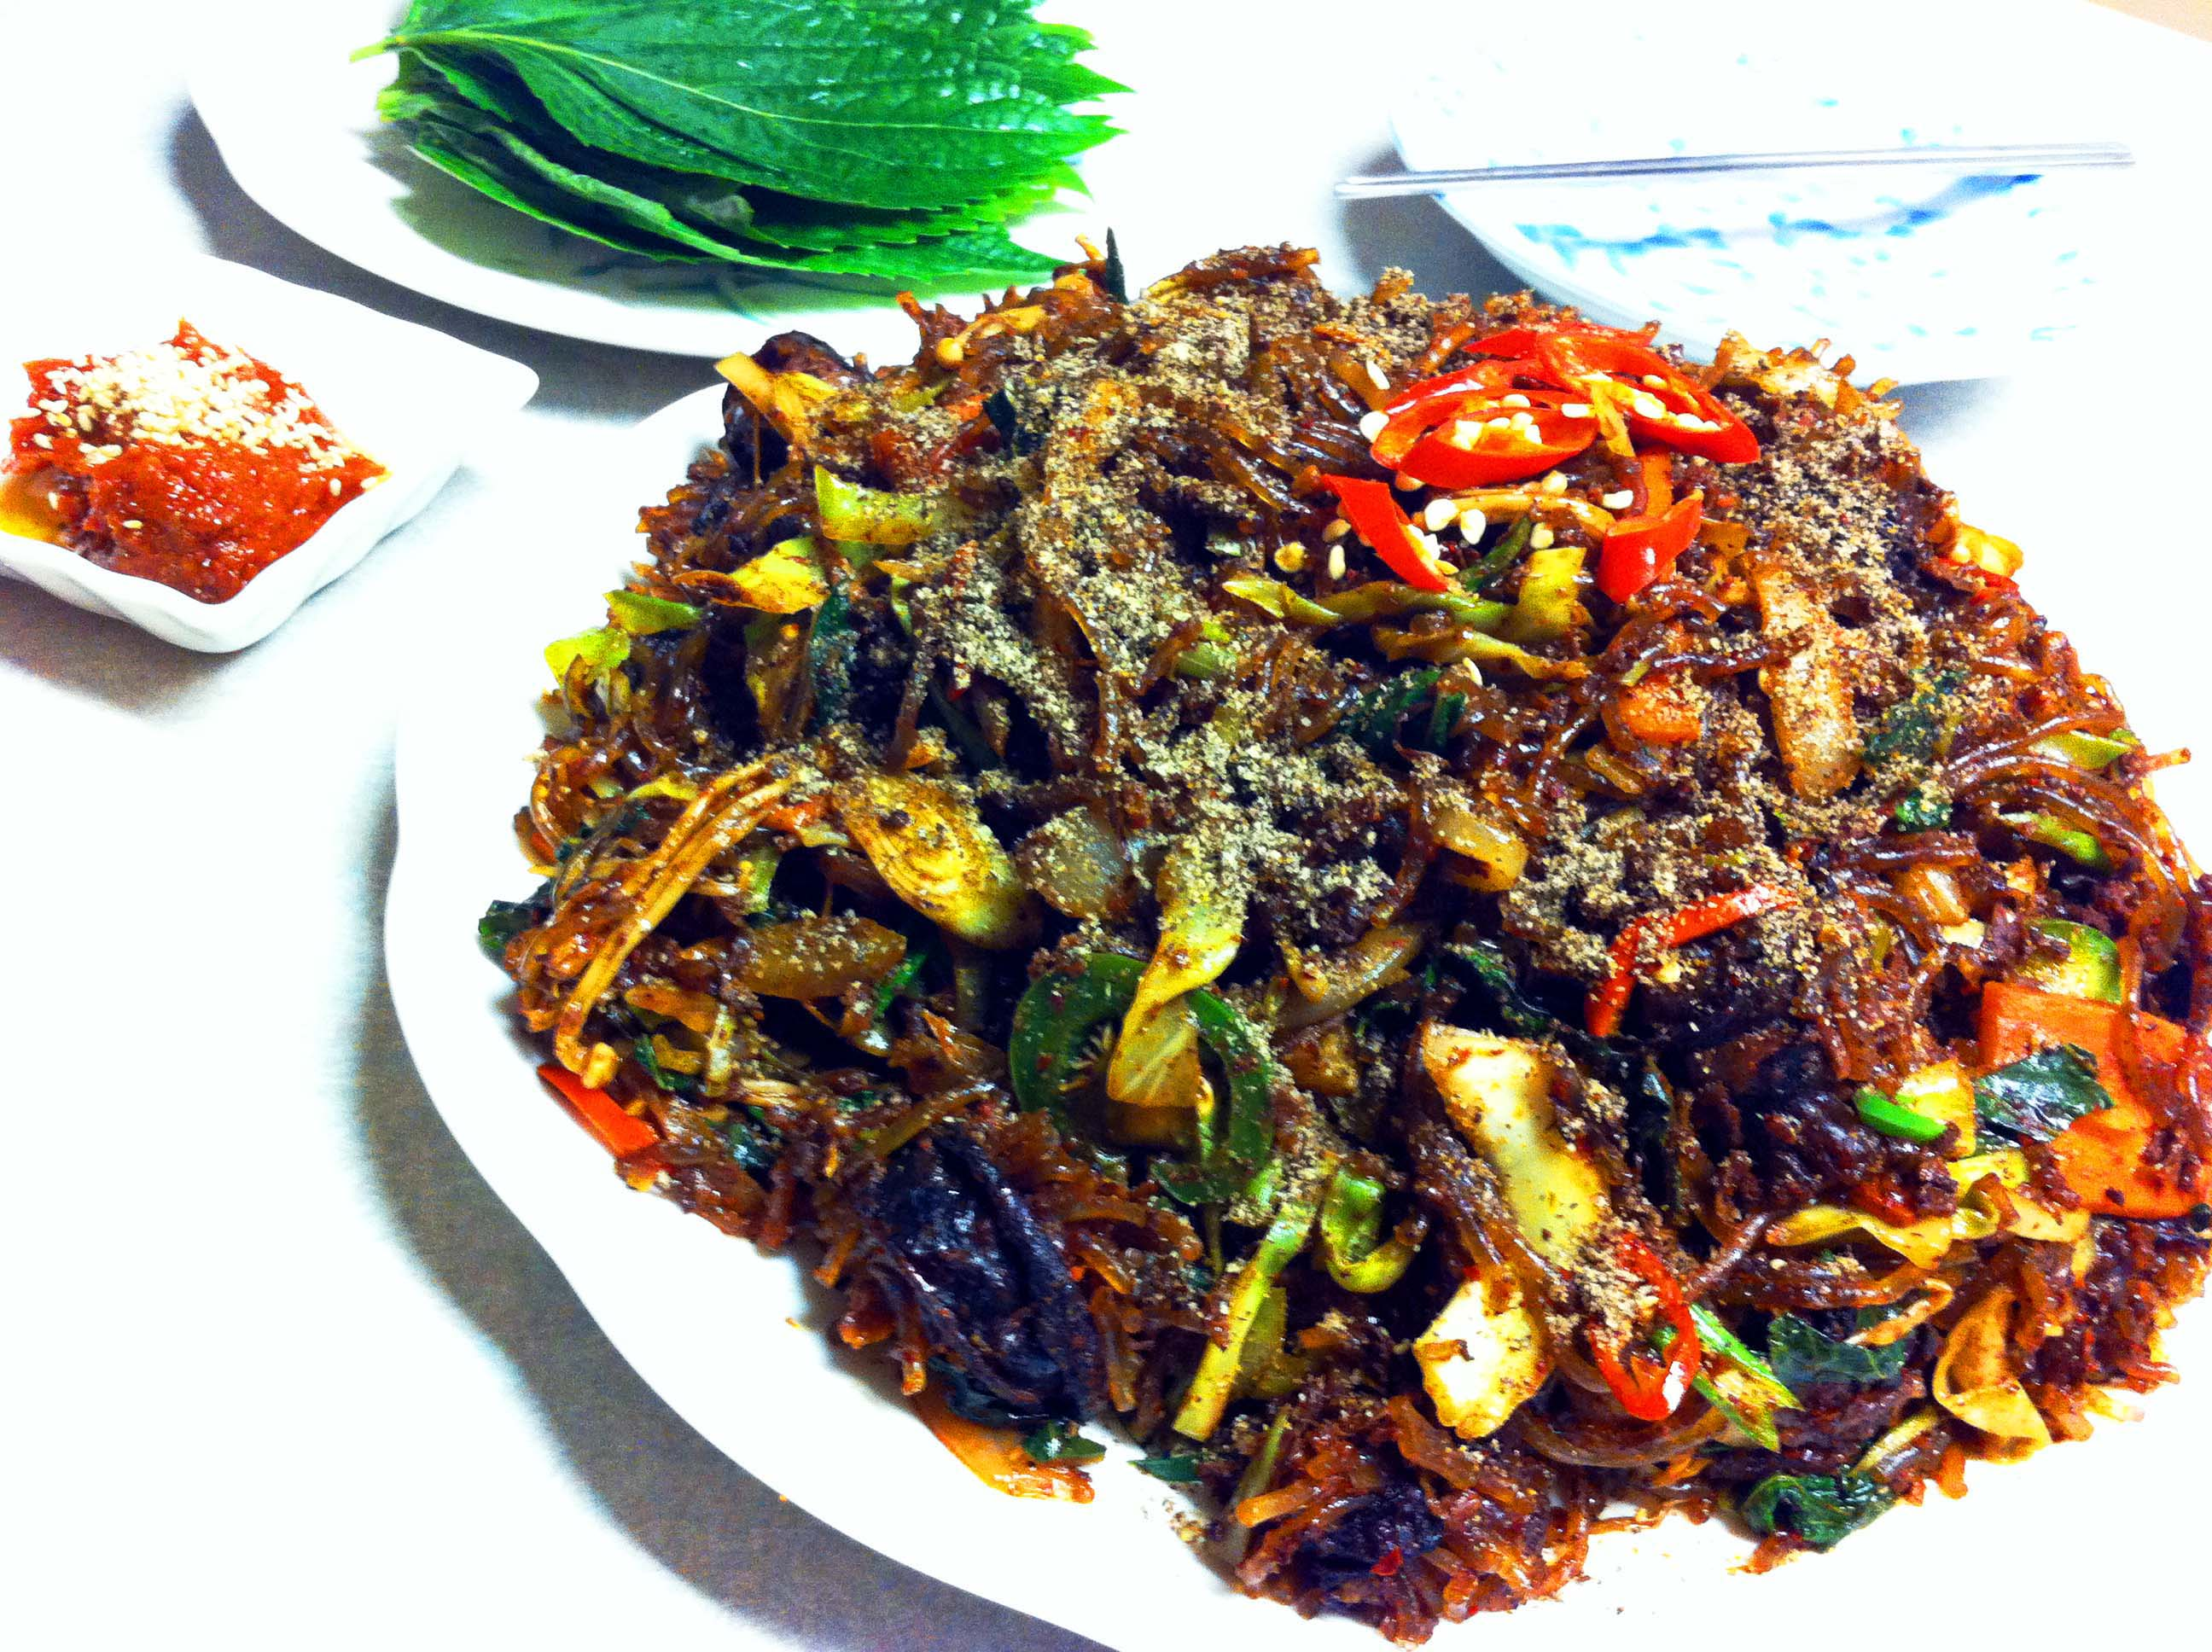 Stir Fry : Soondae Bokeum (Spicy Korean Stir Fry Blood Sausage) : Korean Food : CHOPCHOP Recipe